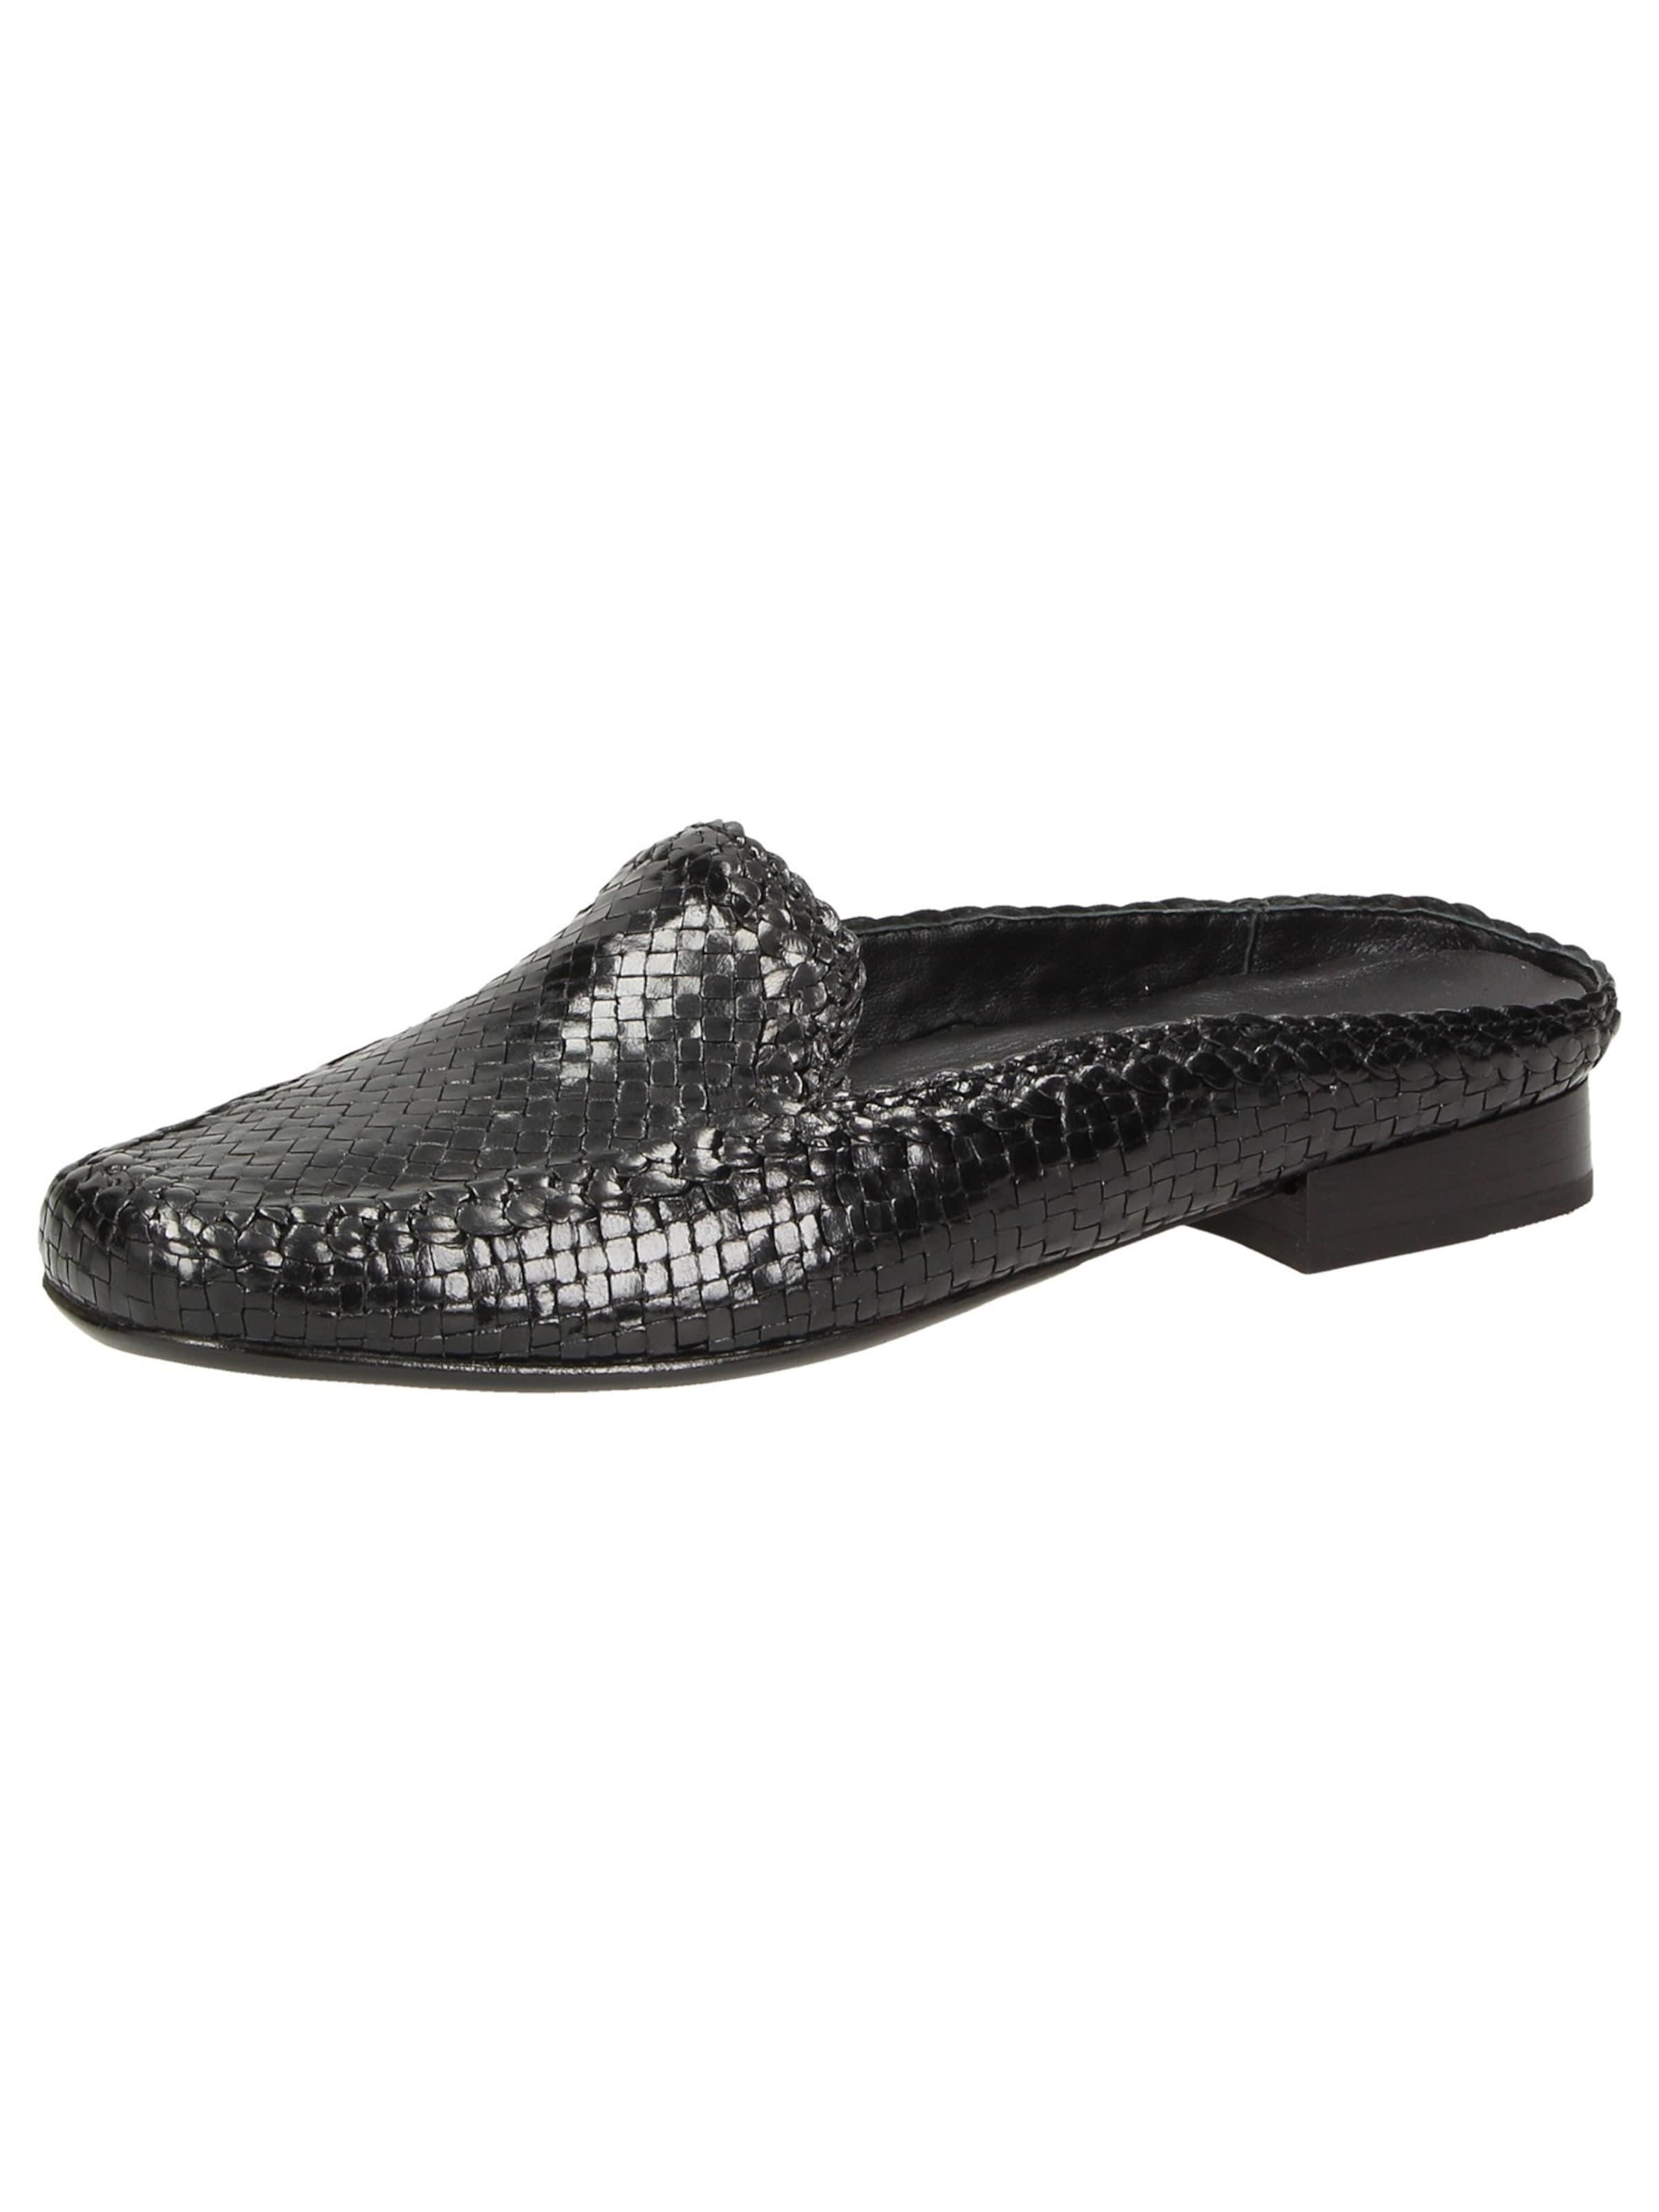 SIOUX Sabots Cortizia-700 Verschleißfeste billige Schuhe